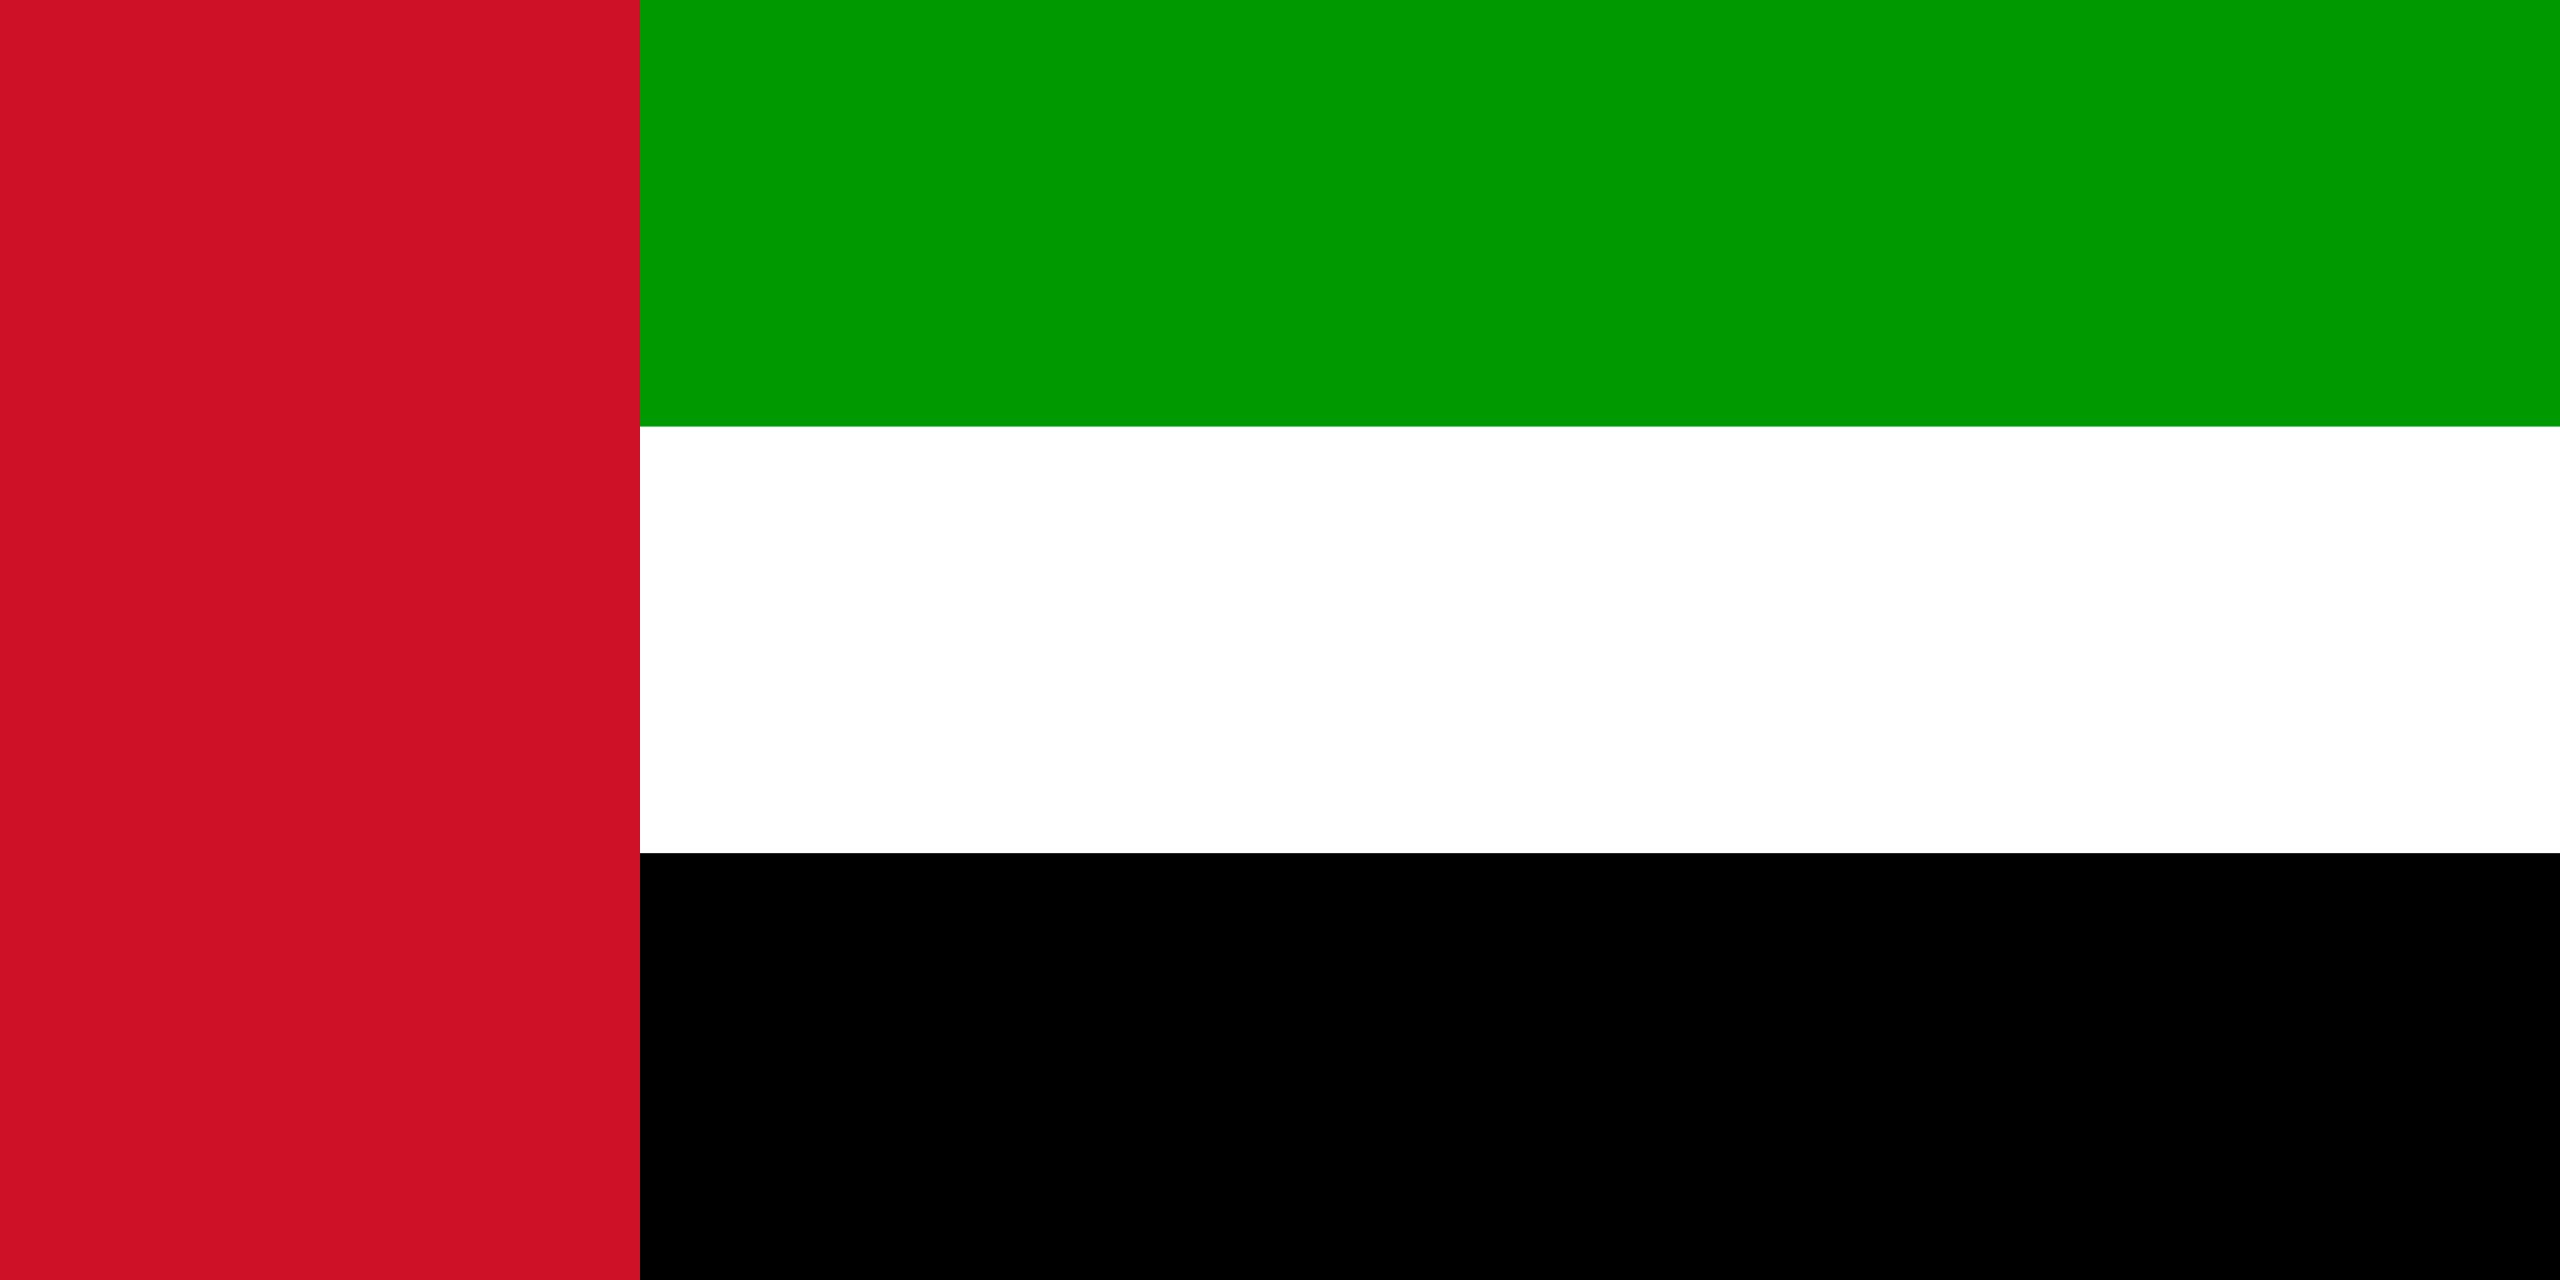 Объединённые Арабские Эмираты, страна, Эмблема, логотип, символ - Обои HD - Профессор falken.com